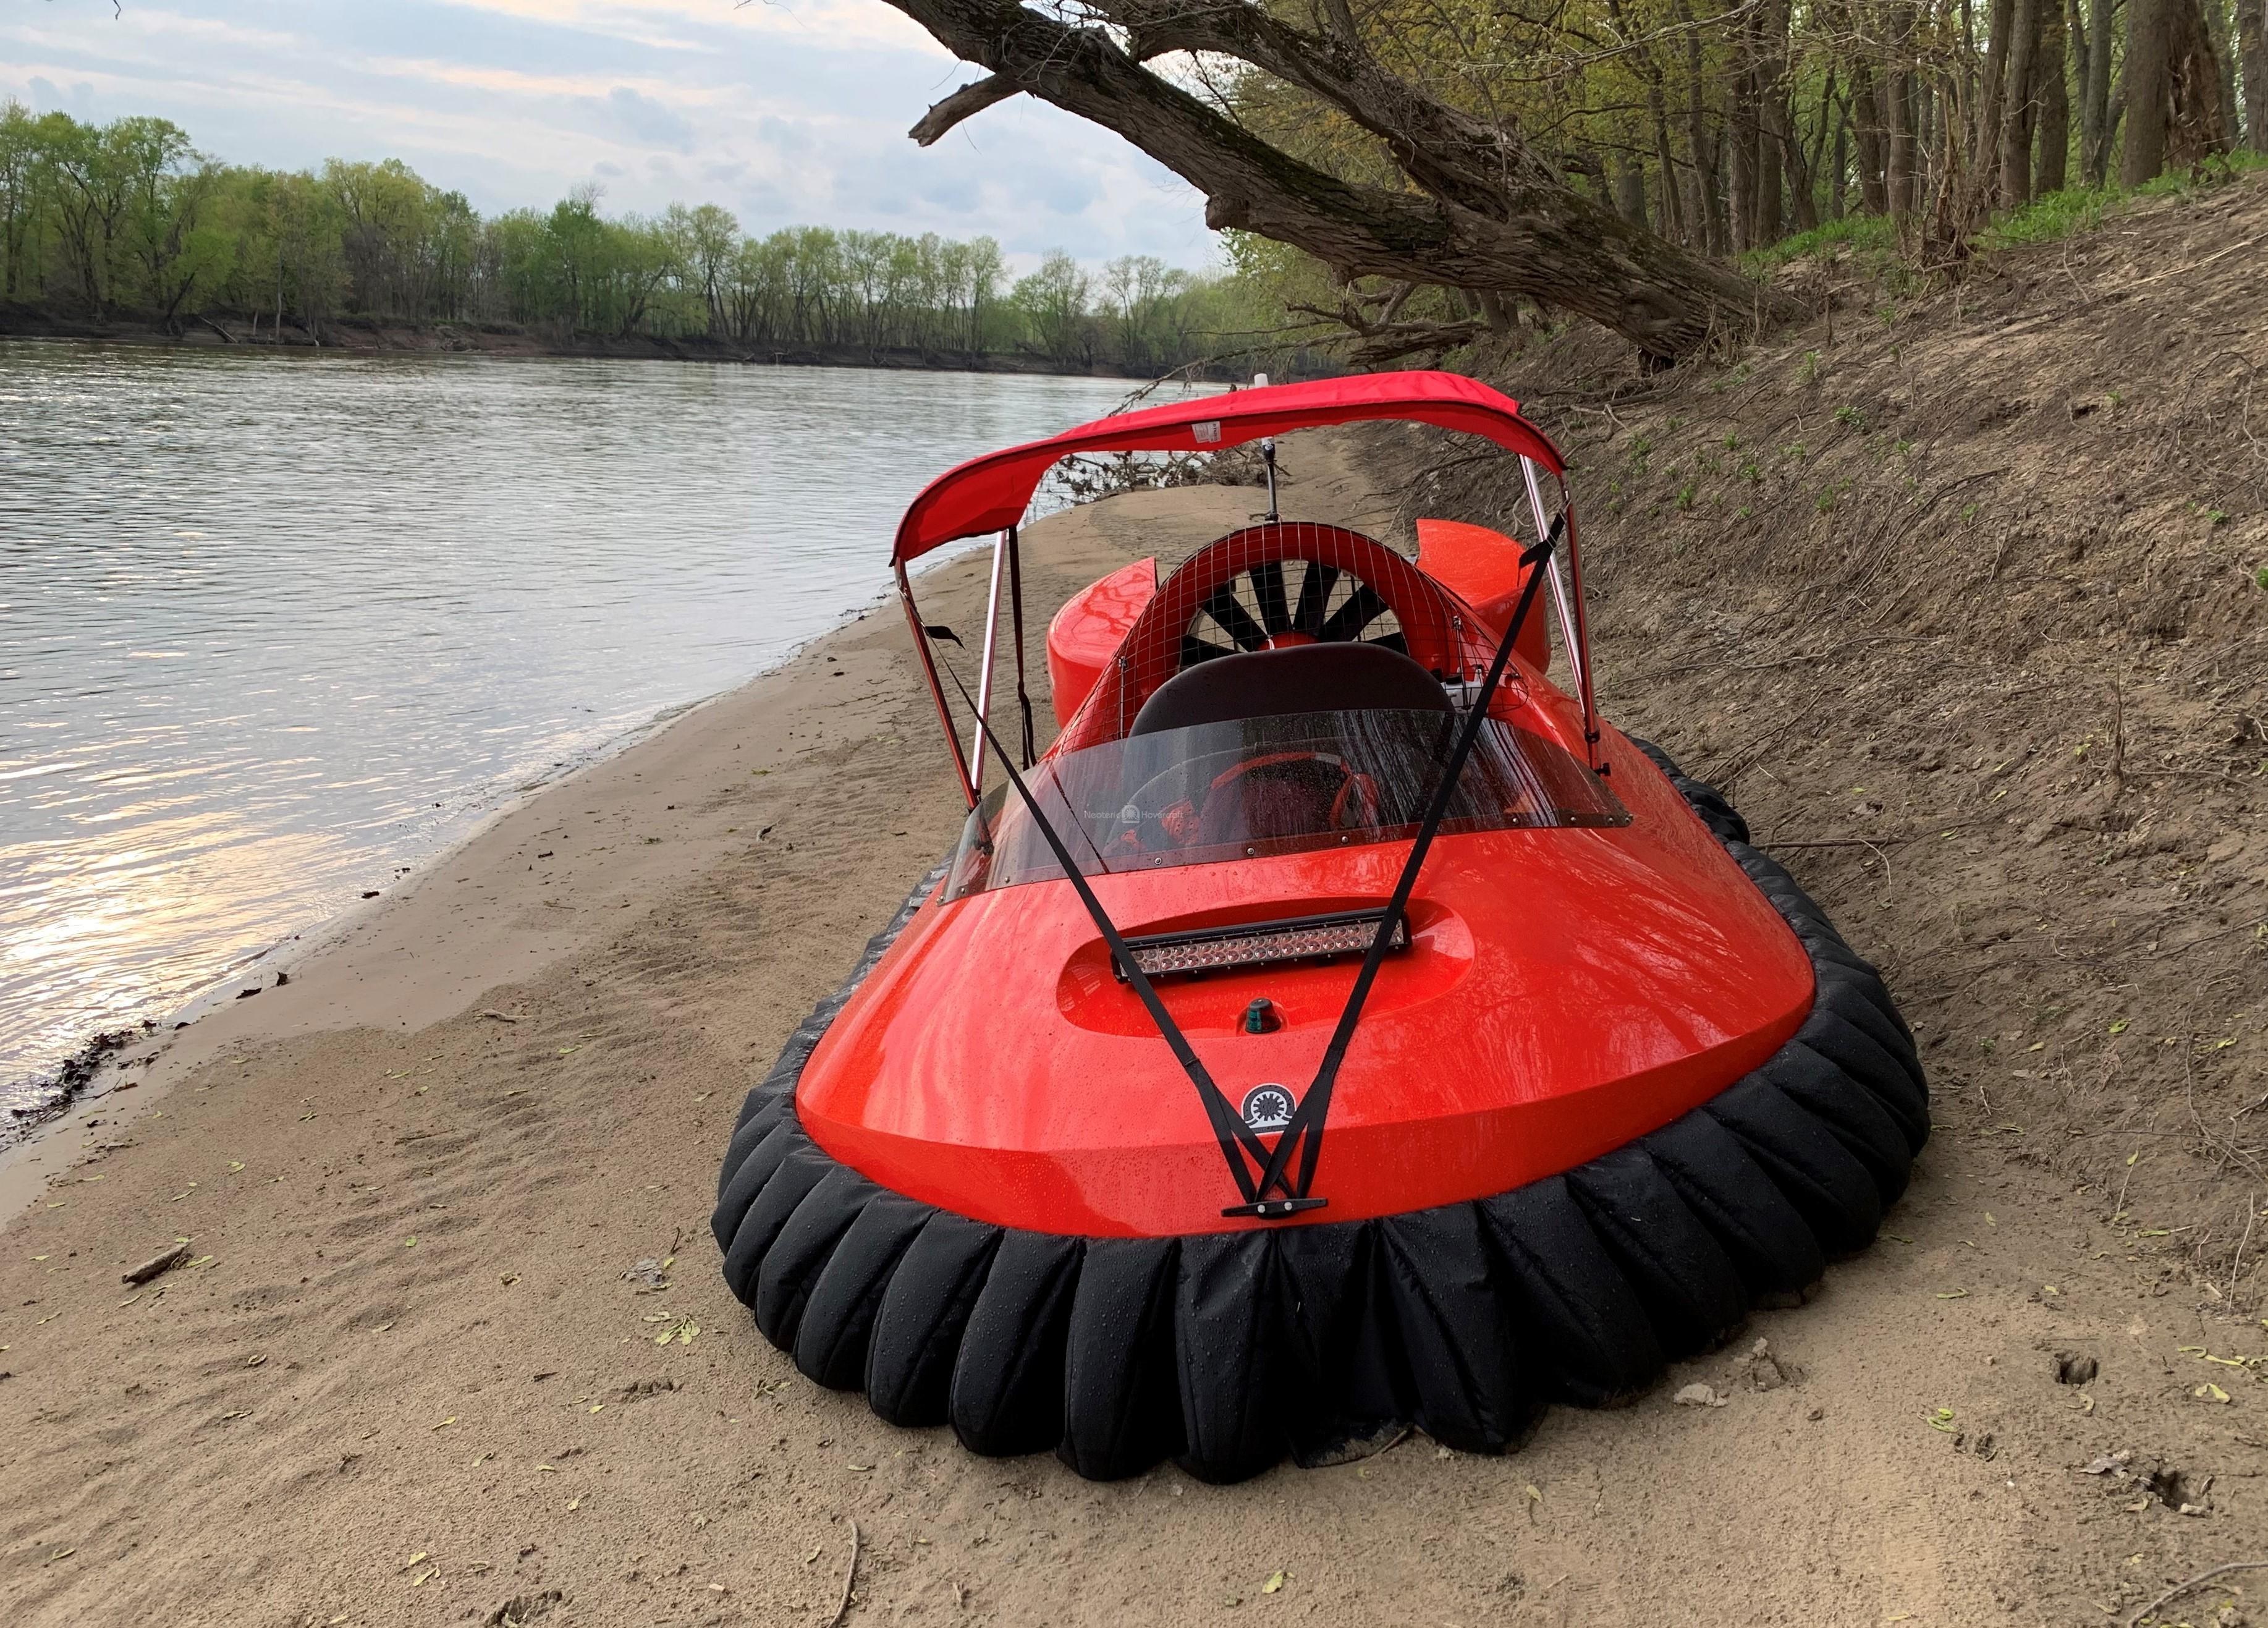 Craft Park on Sand Bank of Wabash River